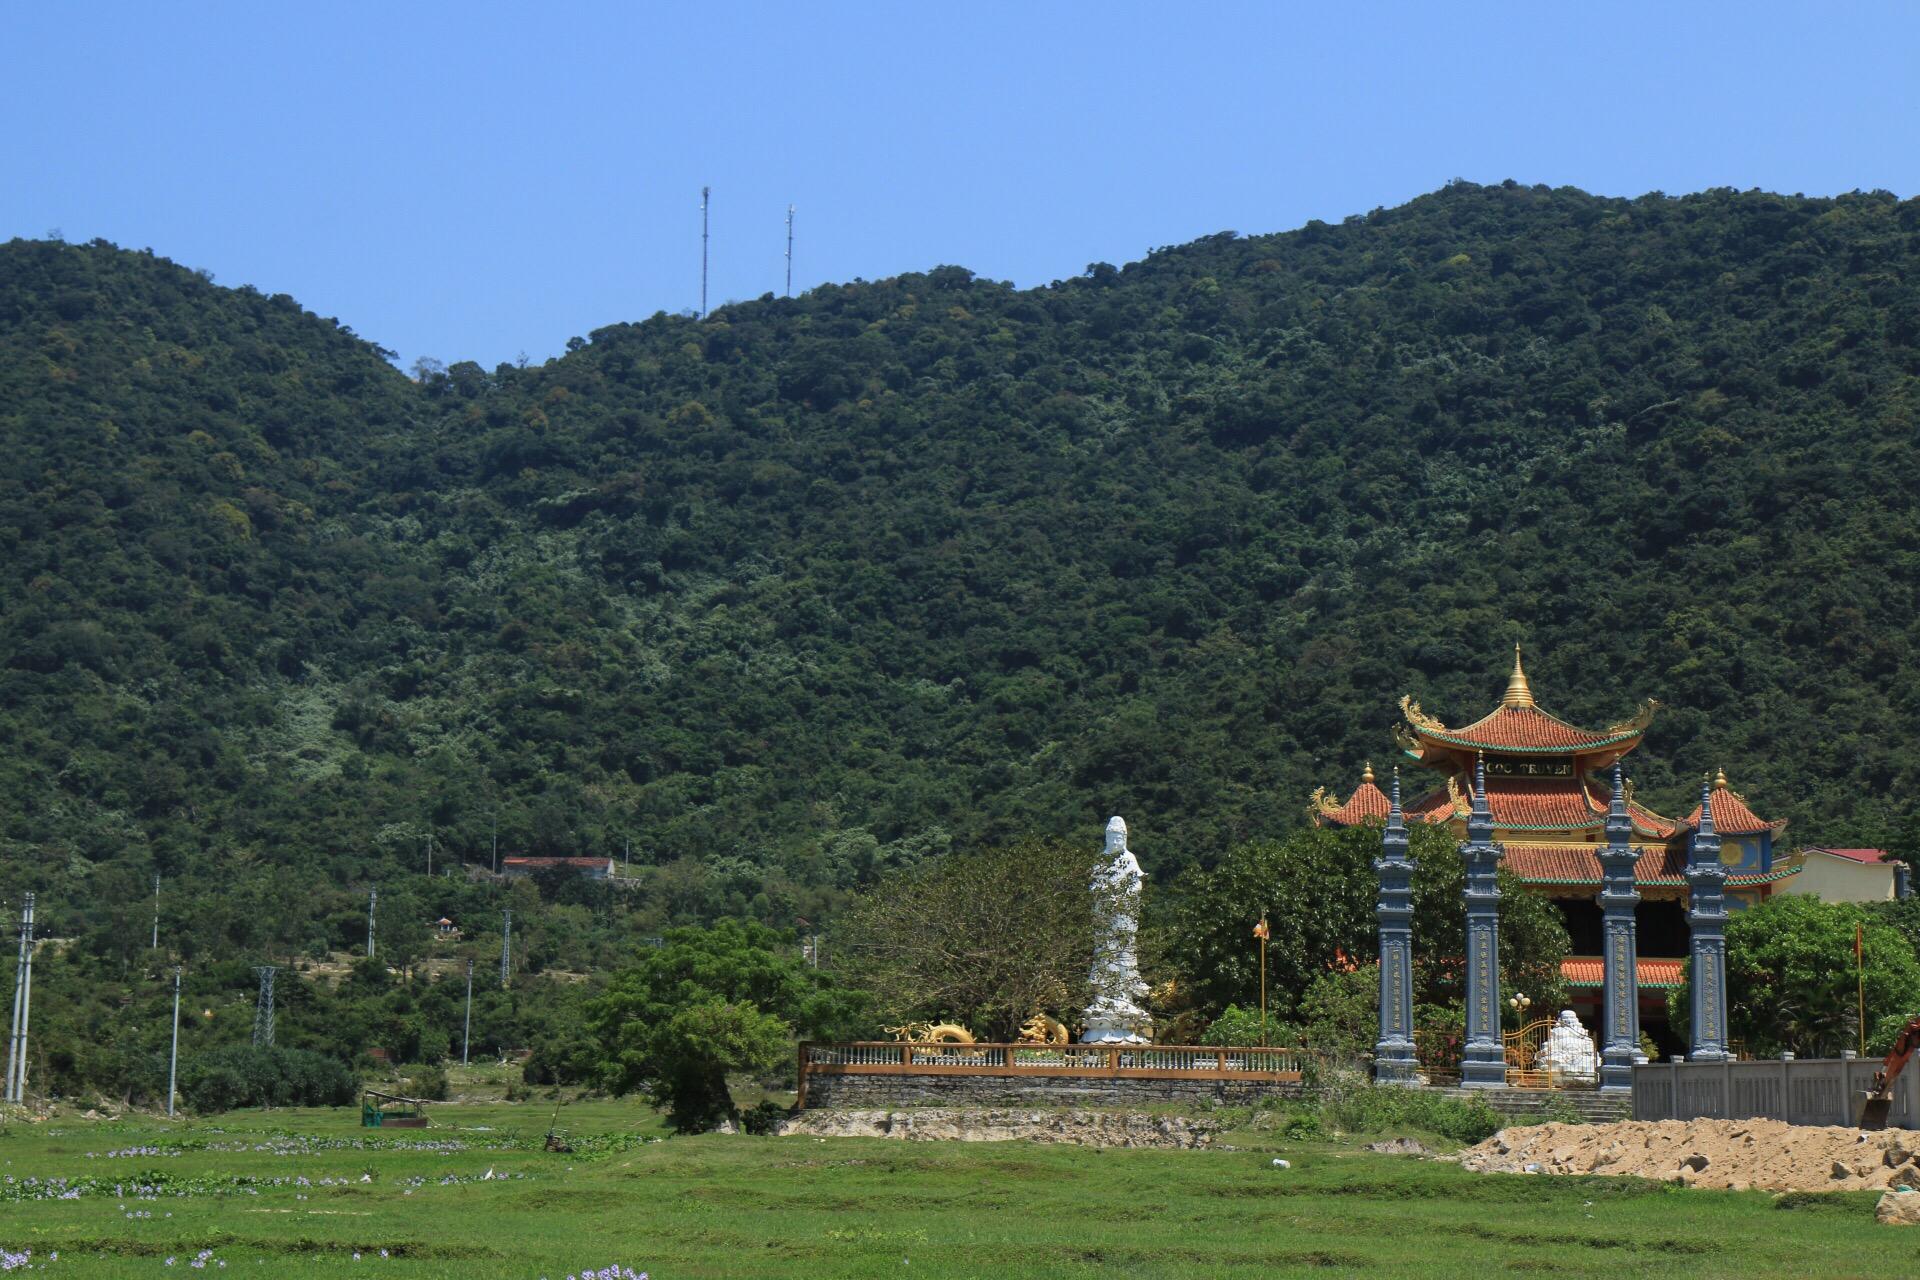 Ein weiterer Teil der Klosteranlage schmiegt sich hübsch in die Hügellandschaft.